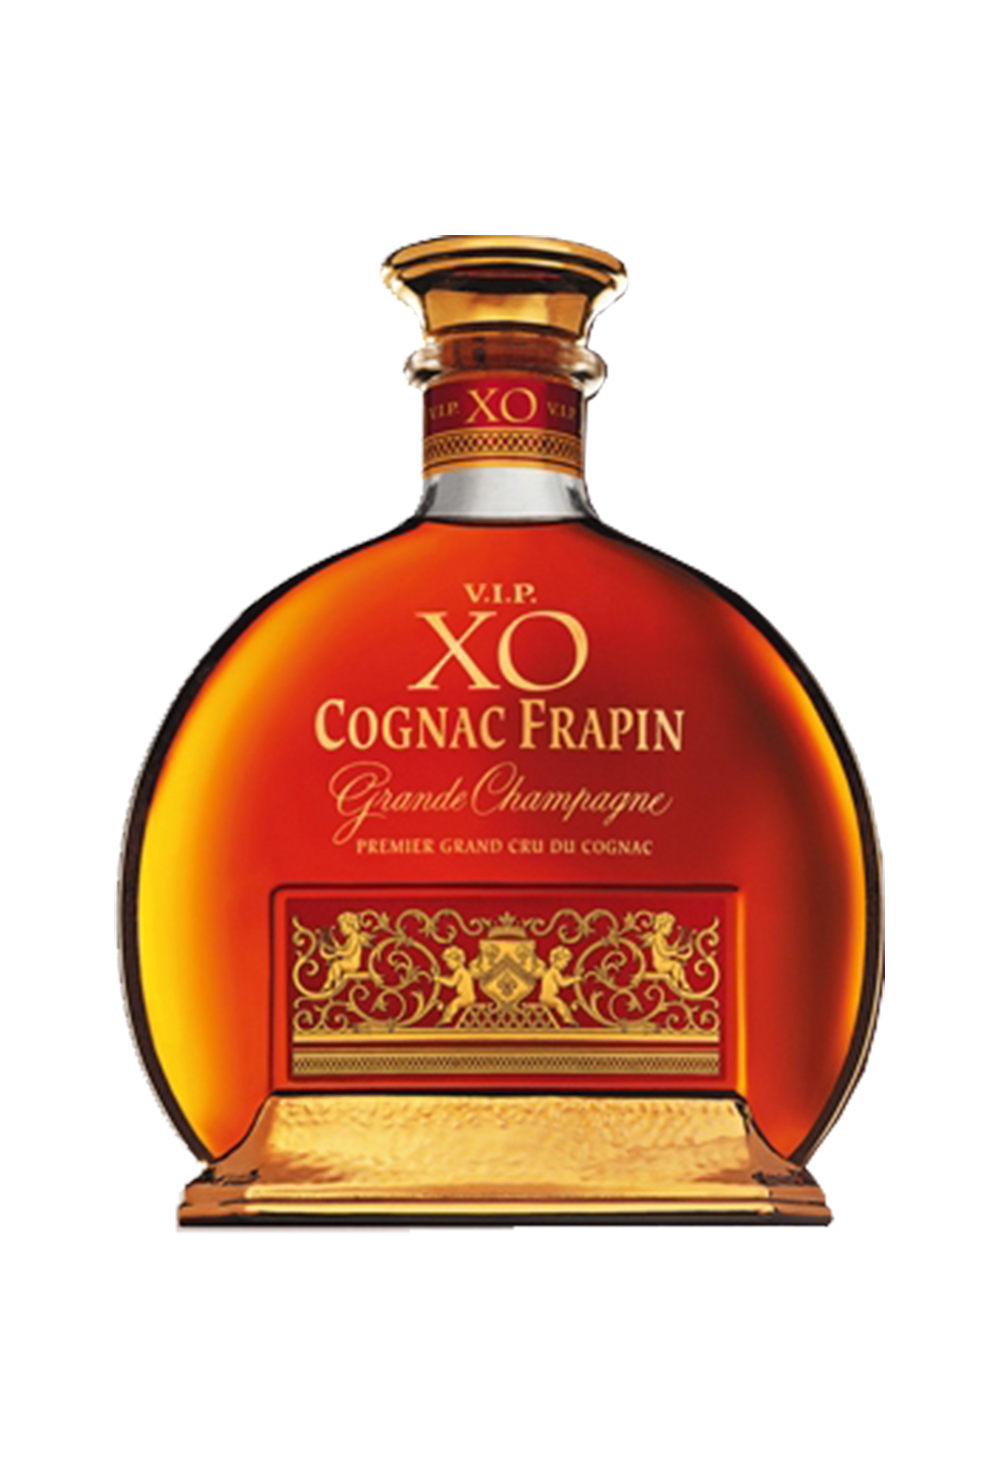 Pourquoi xo cognac